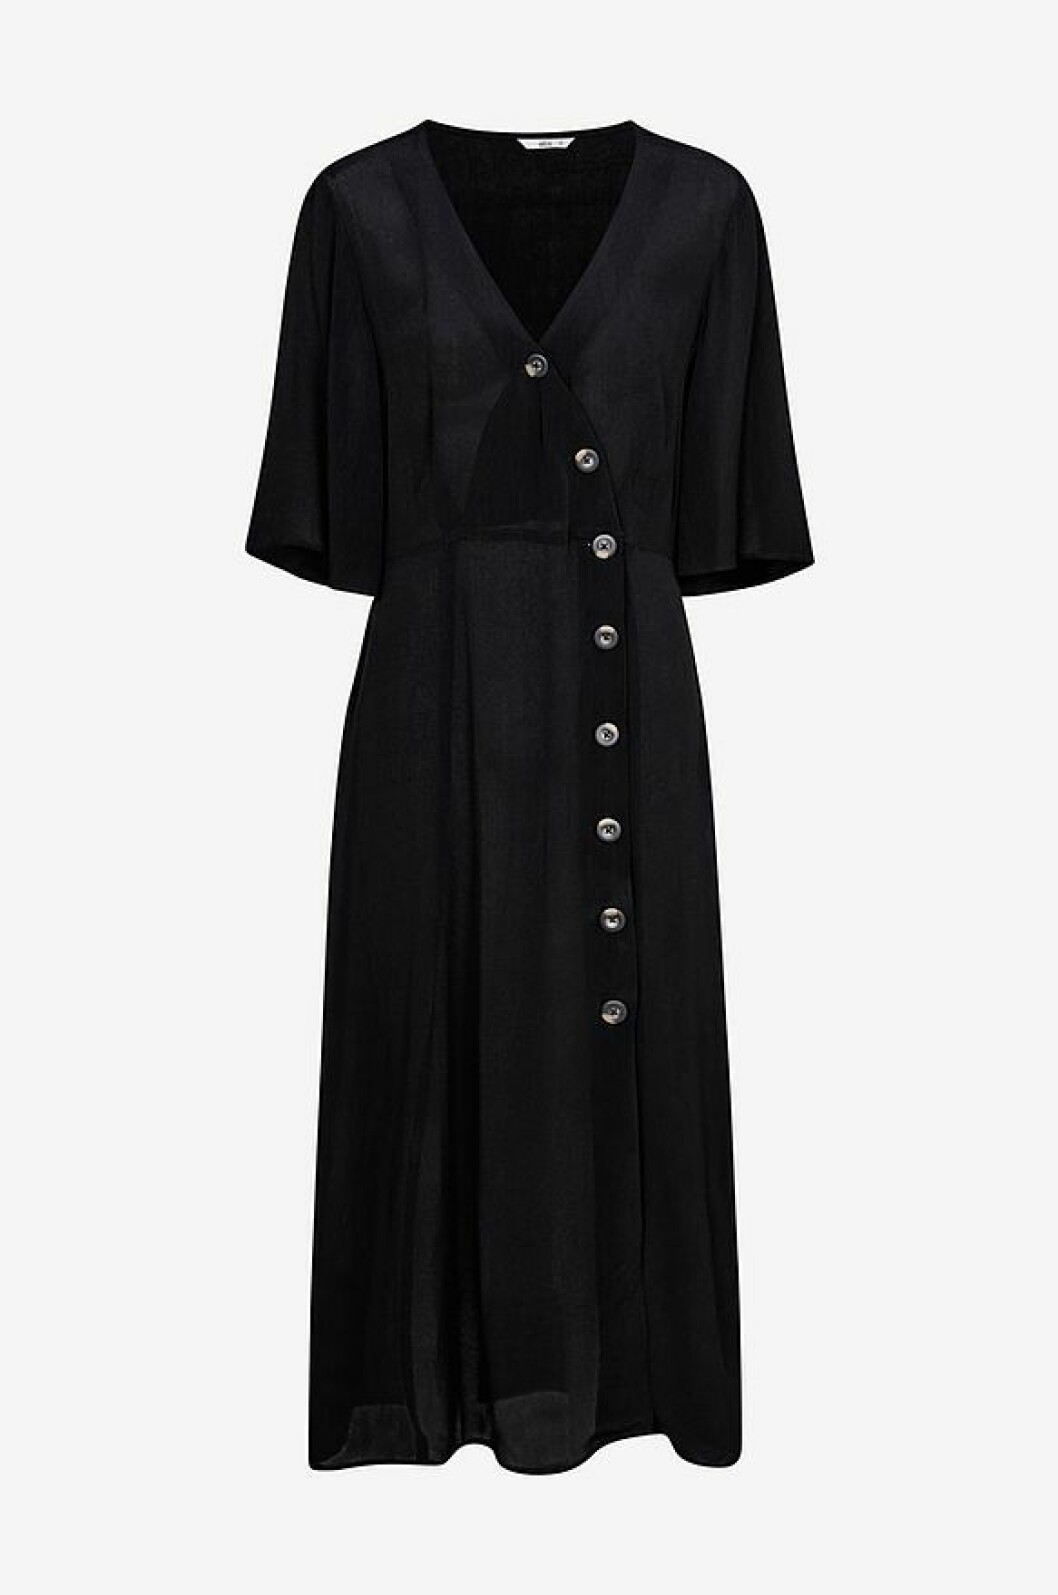 Svart klänning med knappar